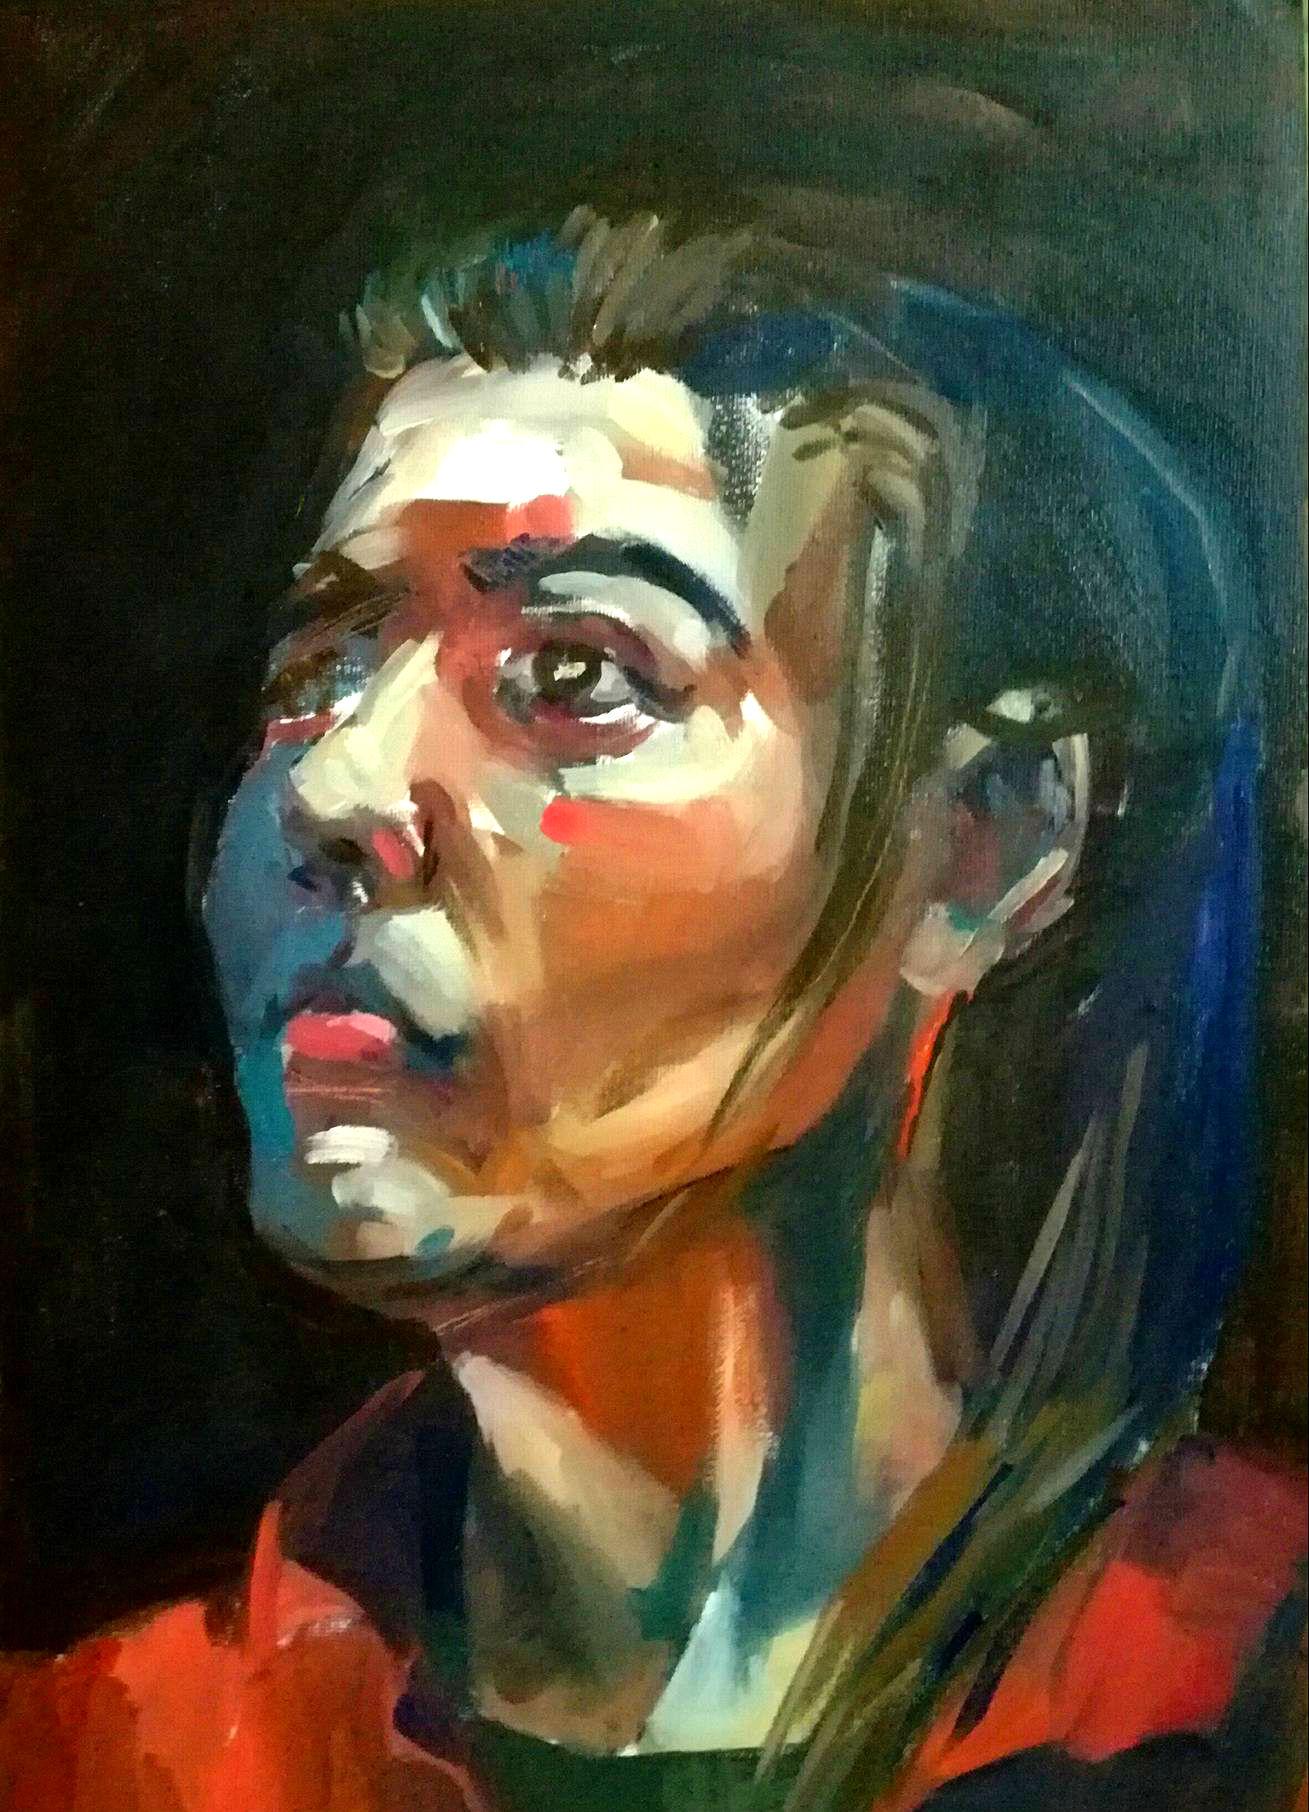 portret w technice olejnej